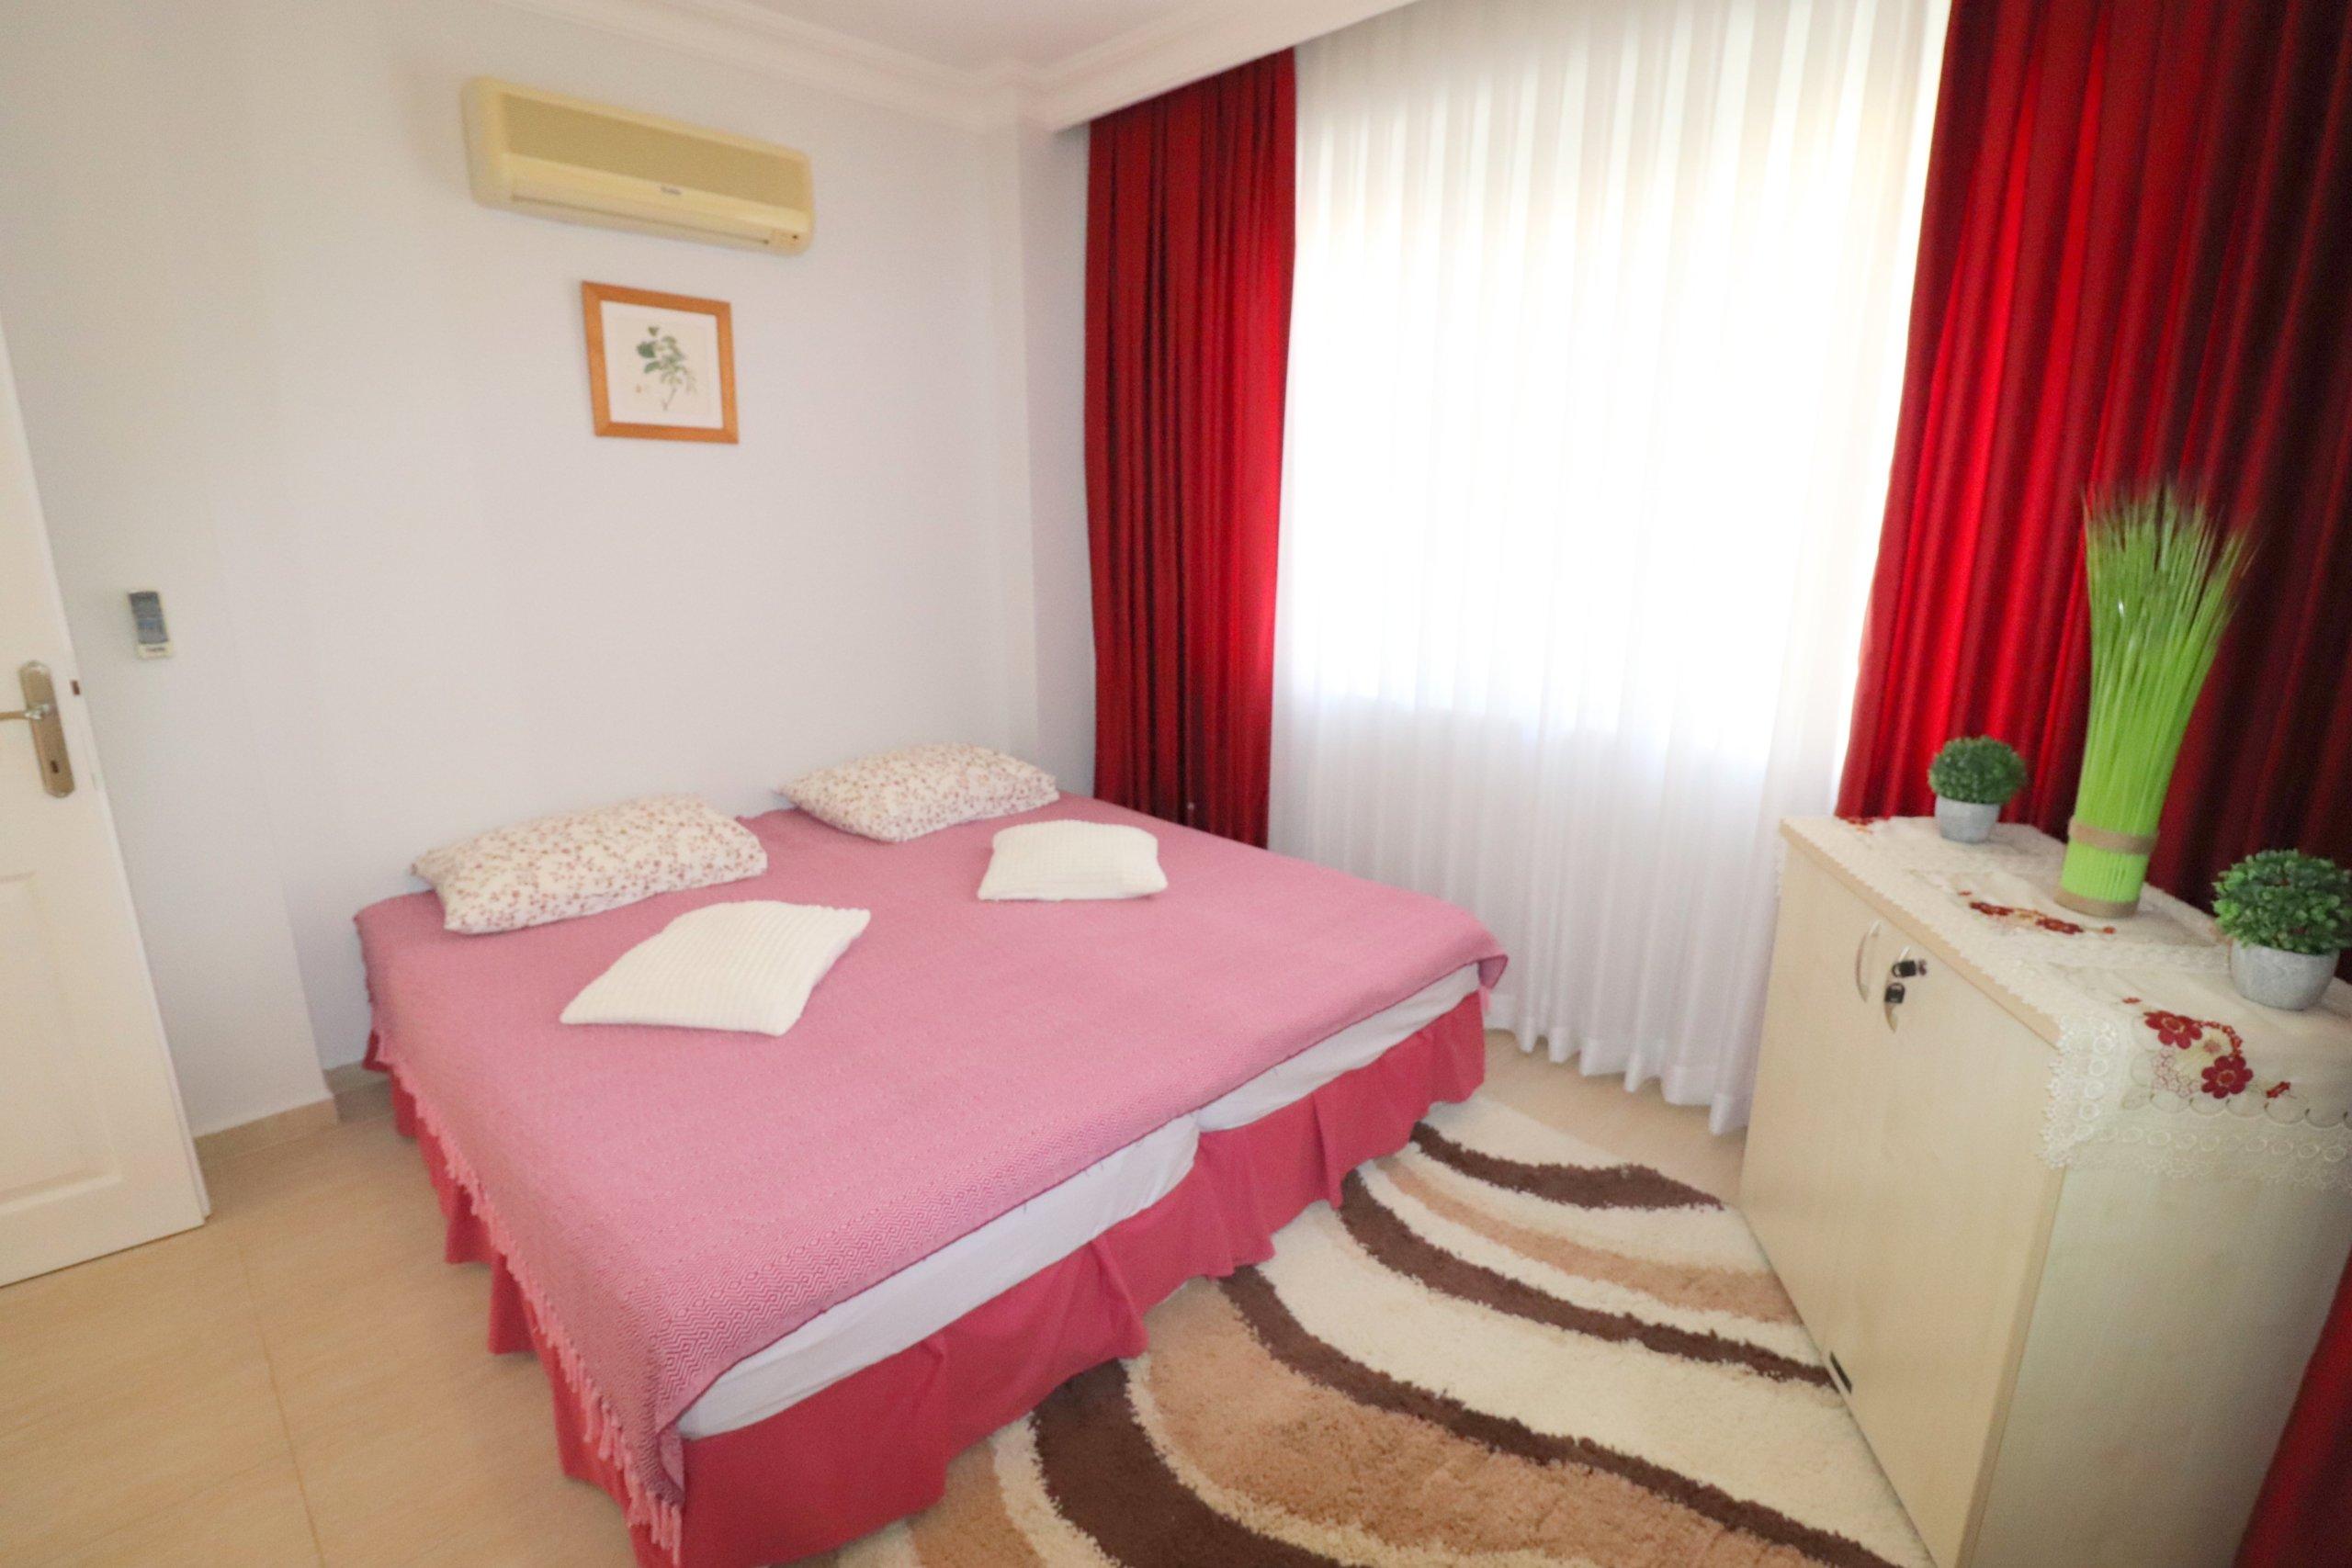 Трехкомнатная квартира для отдыха в жилом комплексе с большой красивой территорией